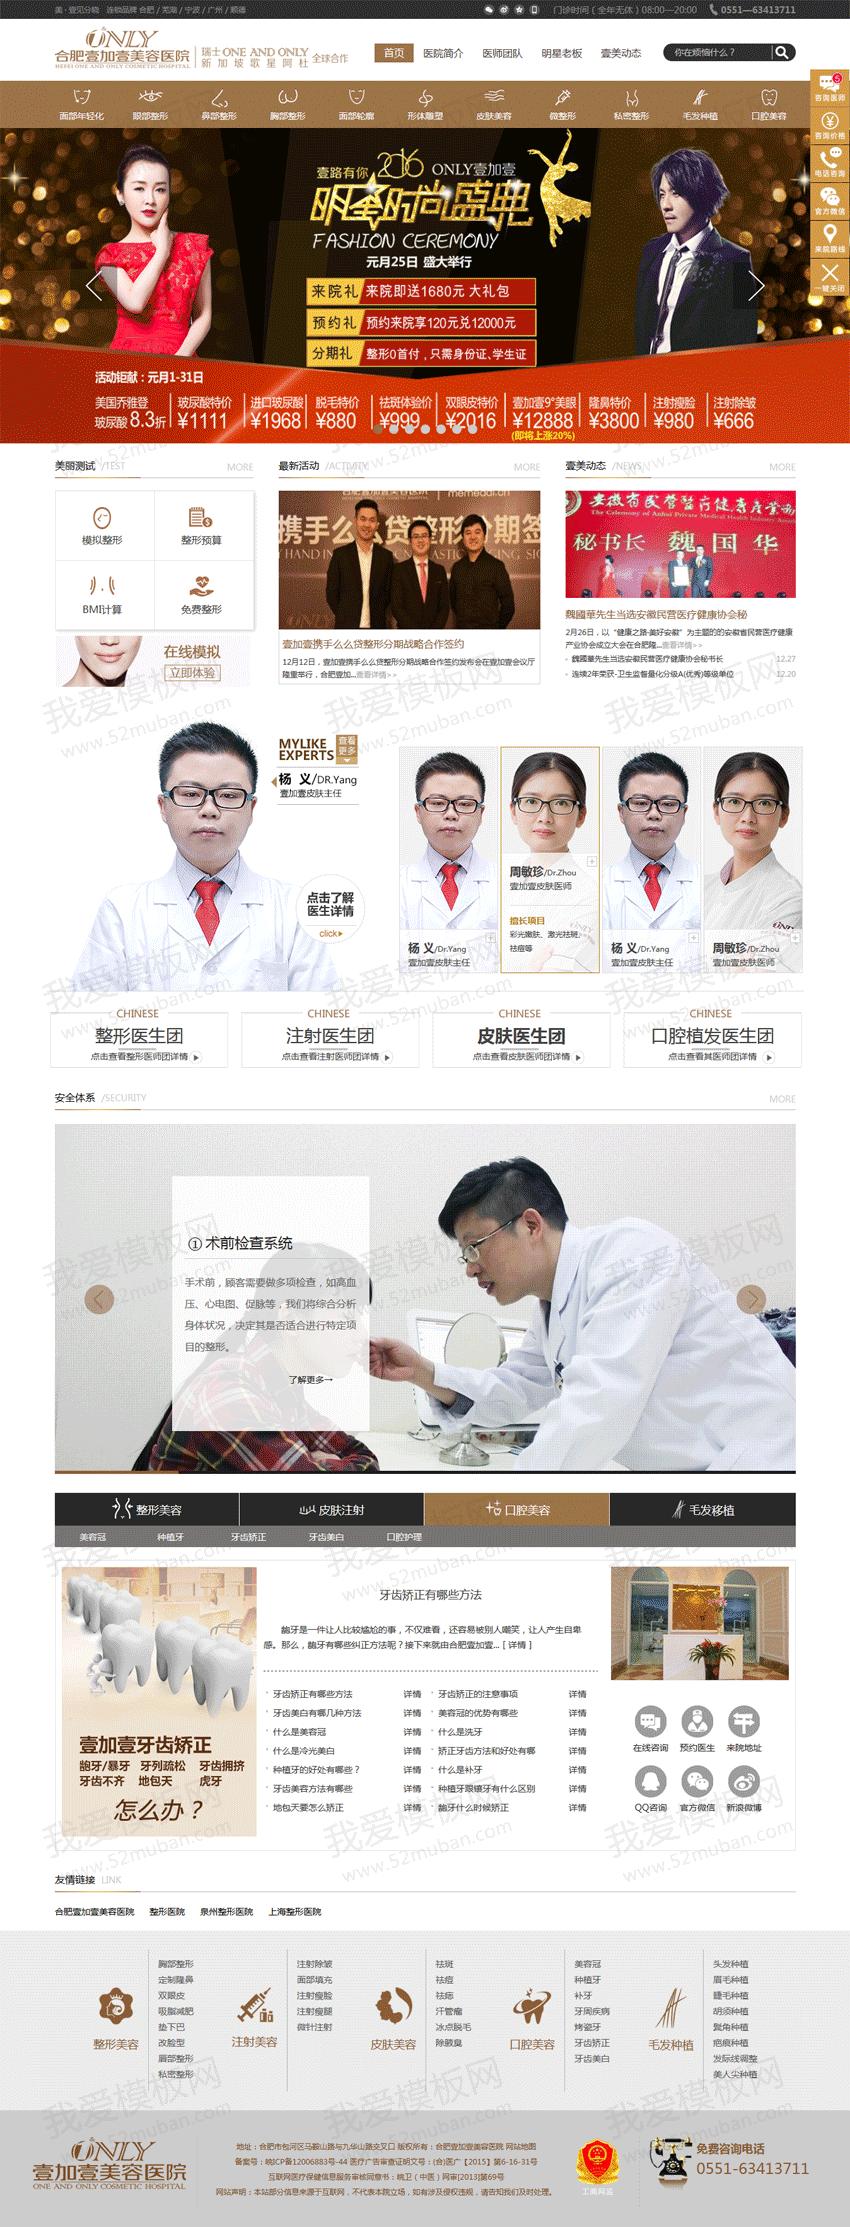 金黄色的美容医院企业网站html整站模板